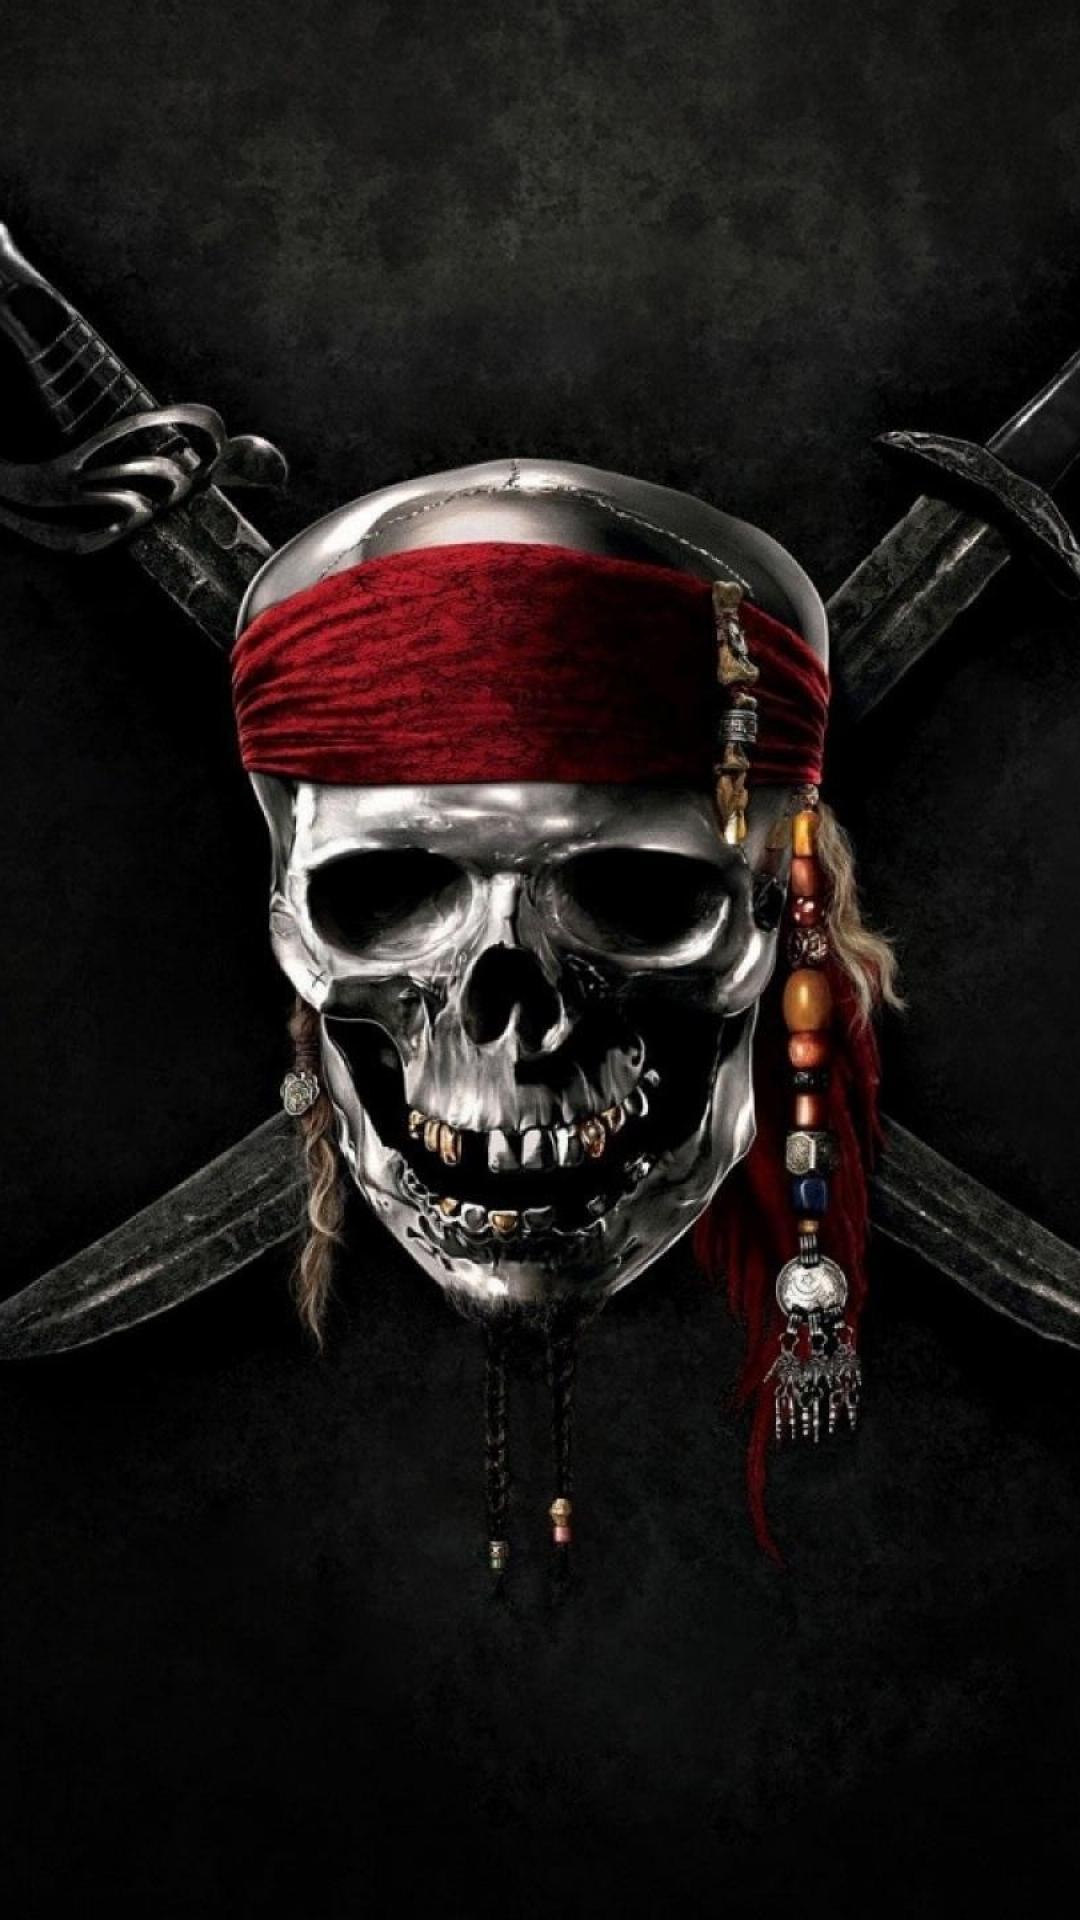 Hình nền đen cướp biển 3D chất lượng HD cho điện thoại